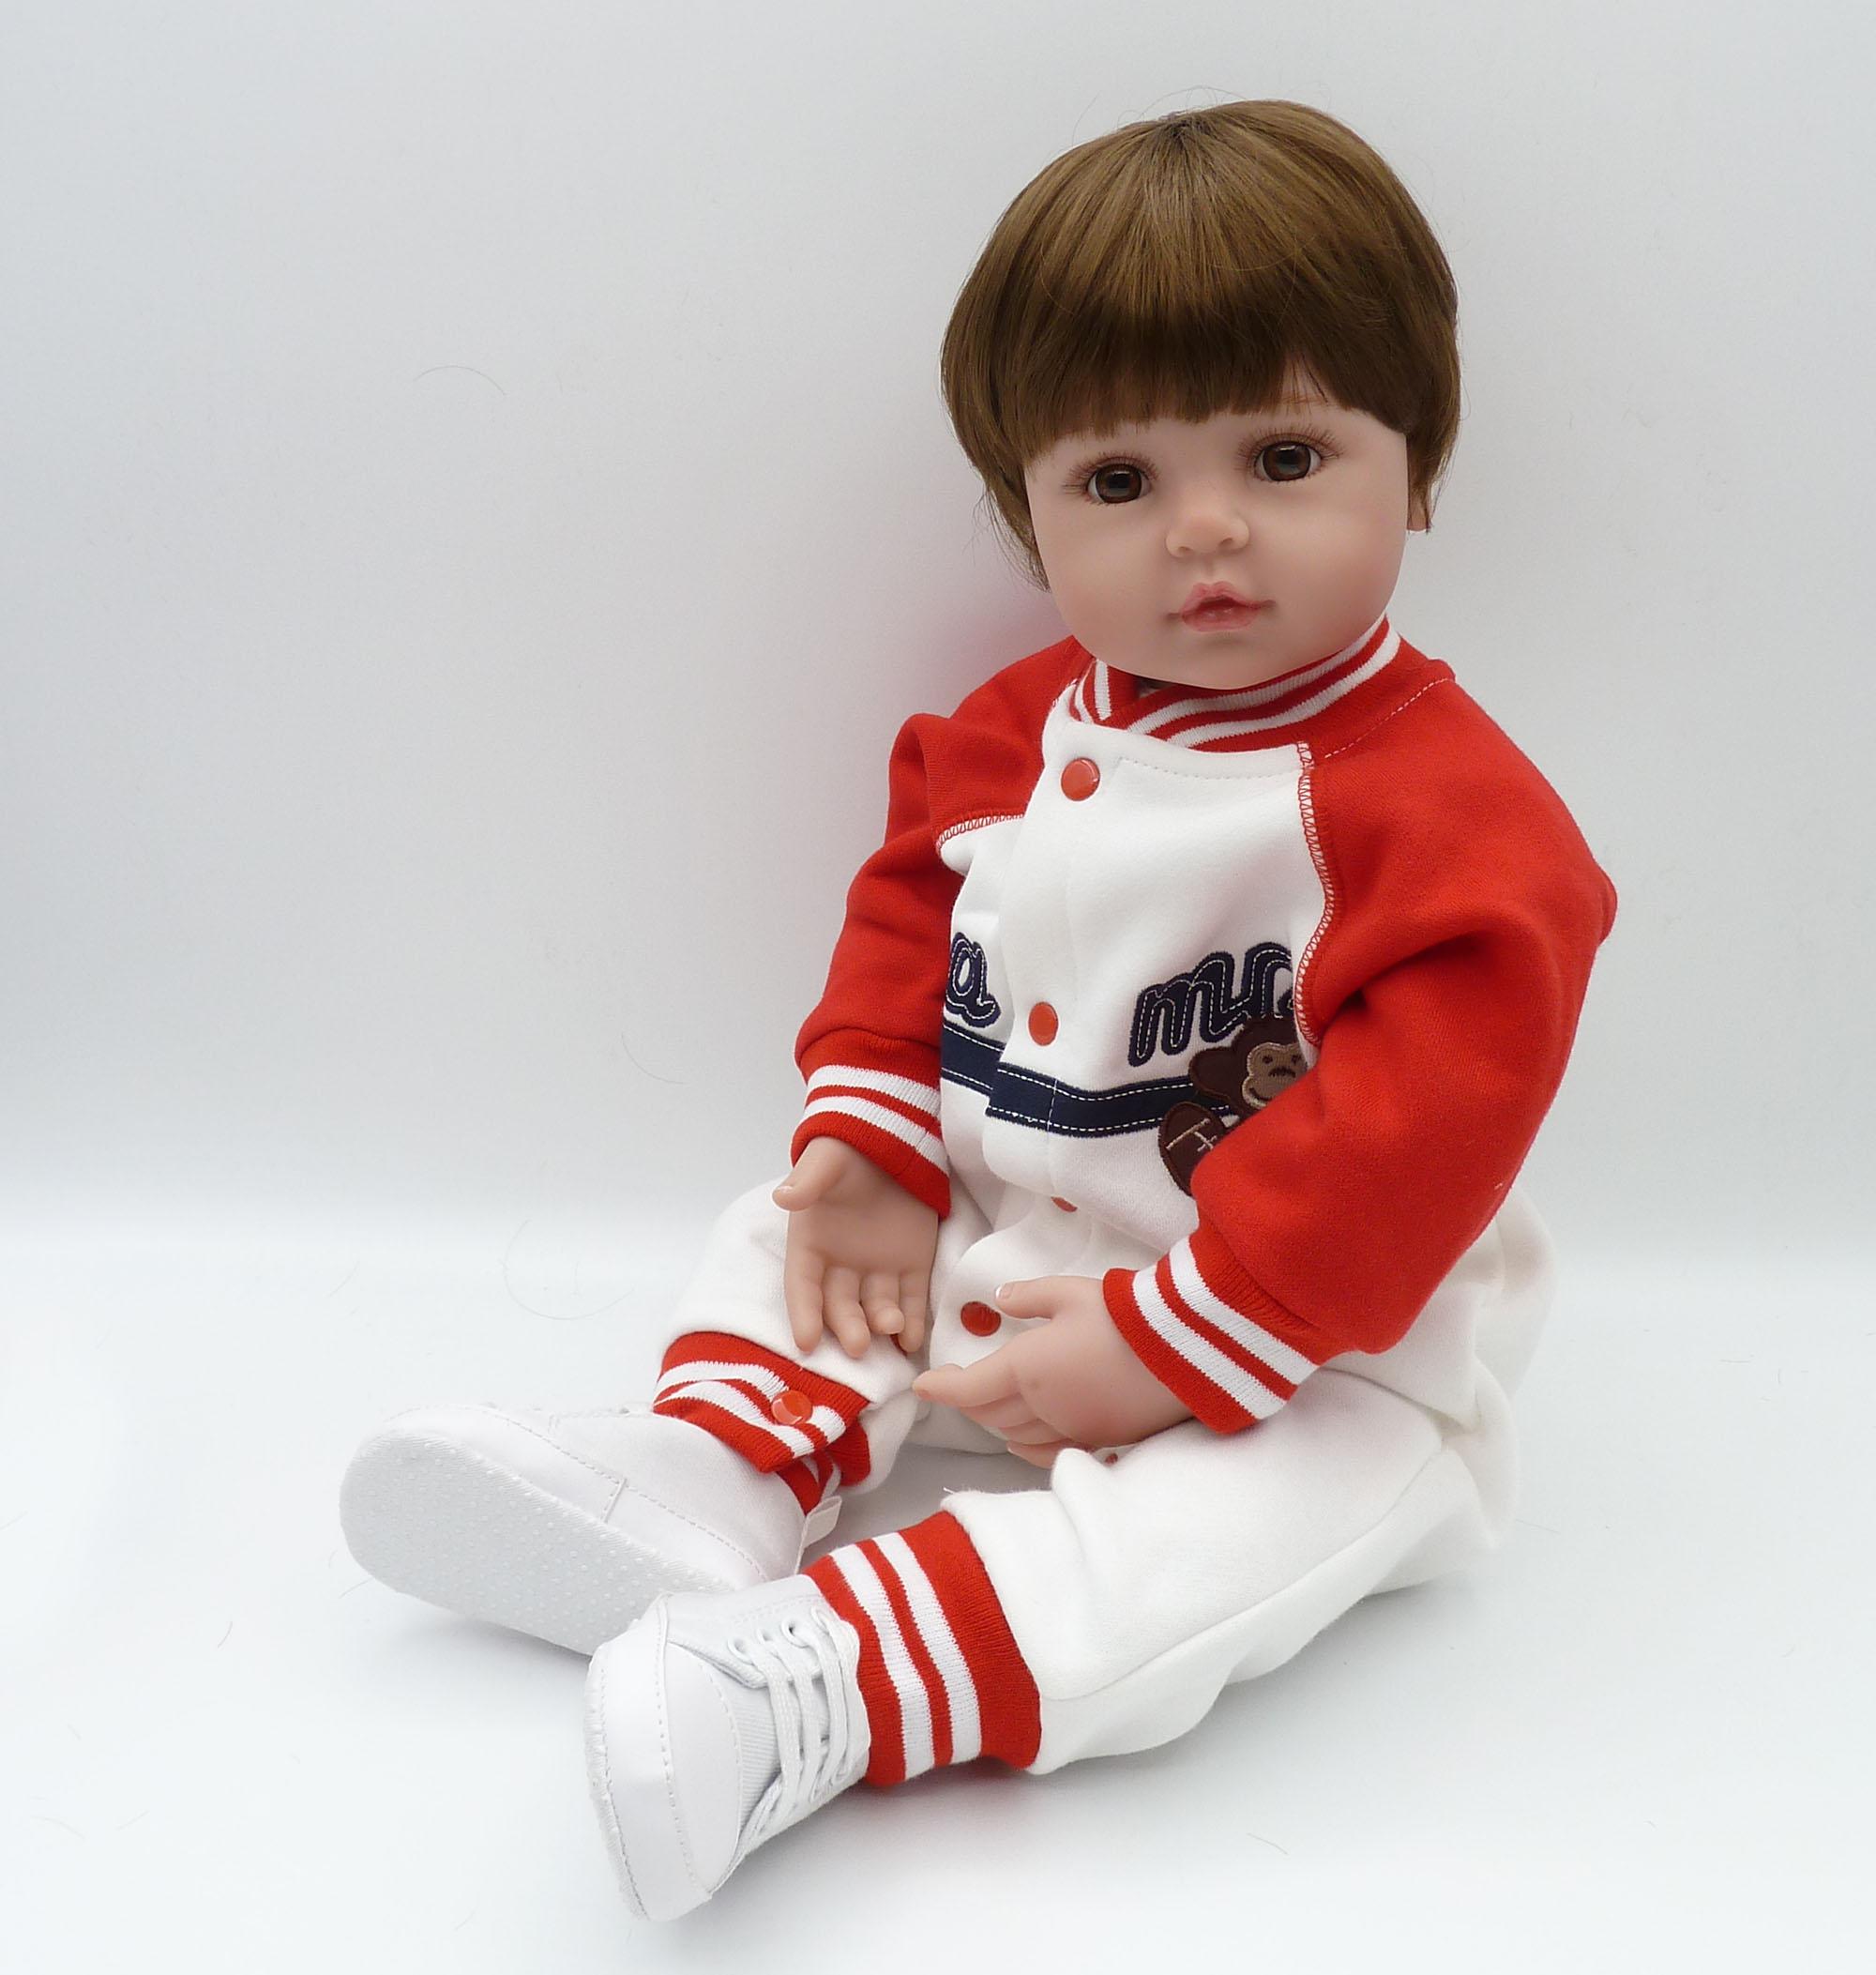 22inch Reborn Dolls Lifelike Soft Silicone Newborn Doll Babies Boy